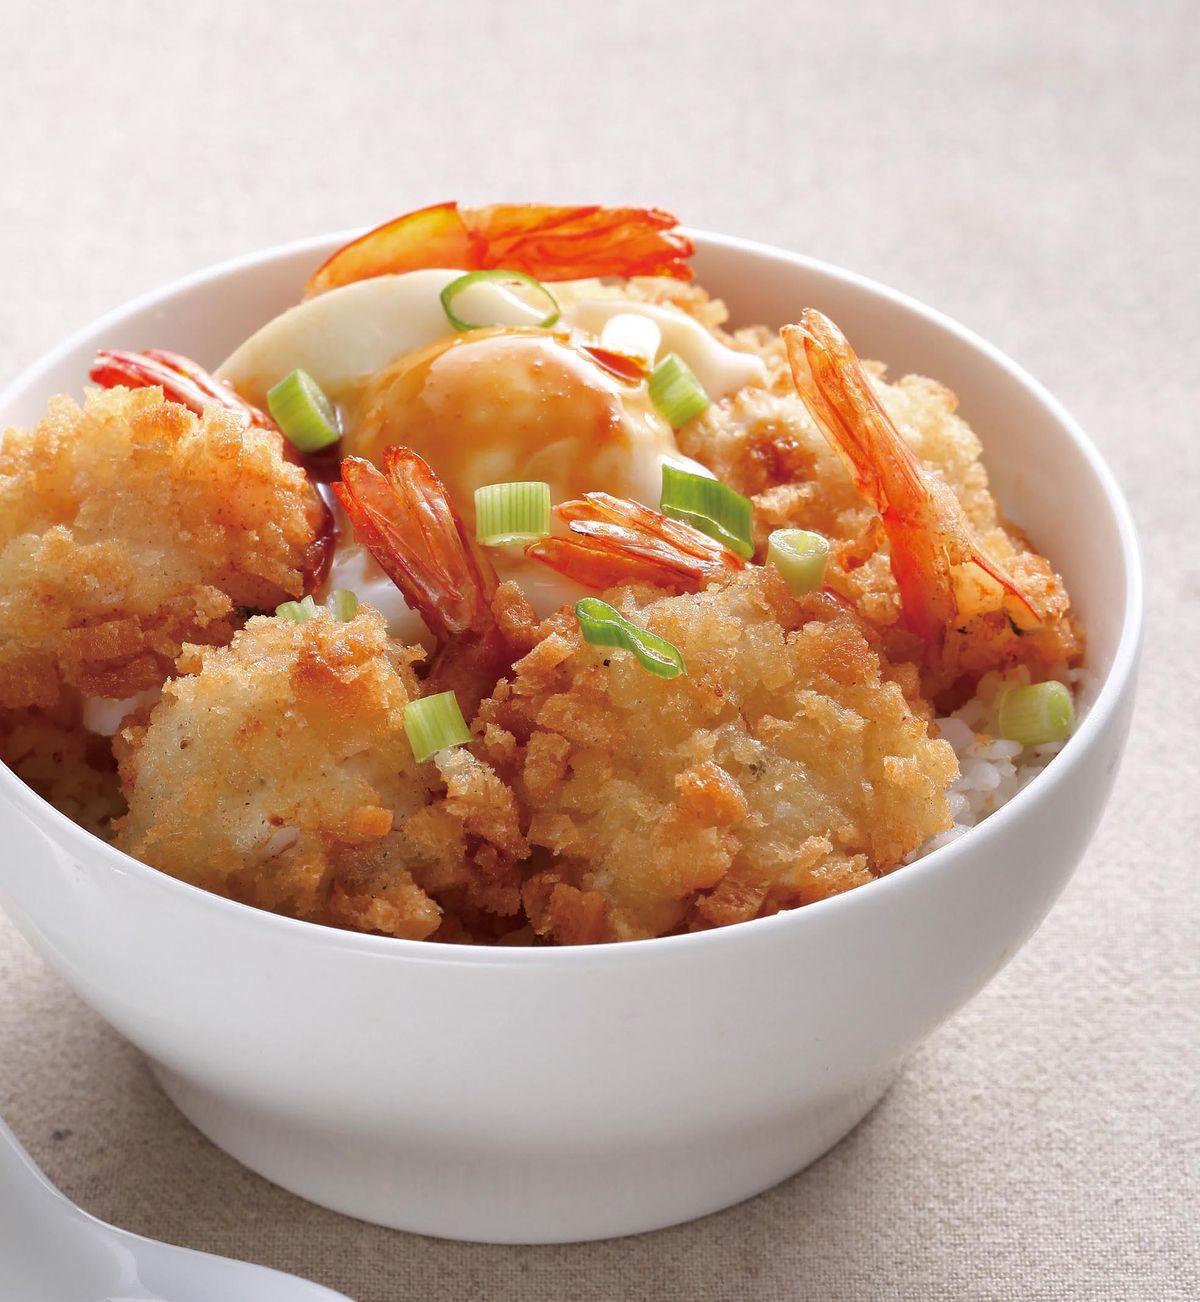 食譜:美味炸蝦丼